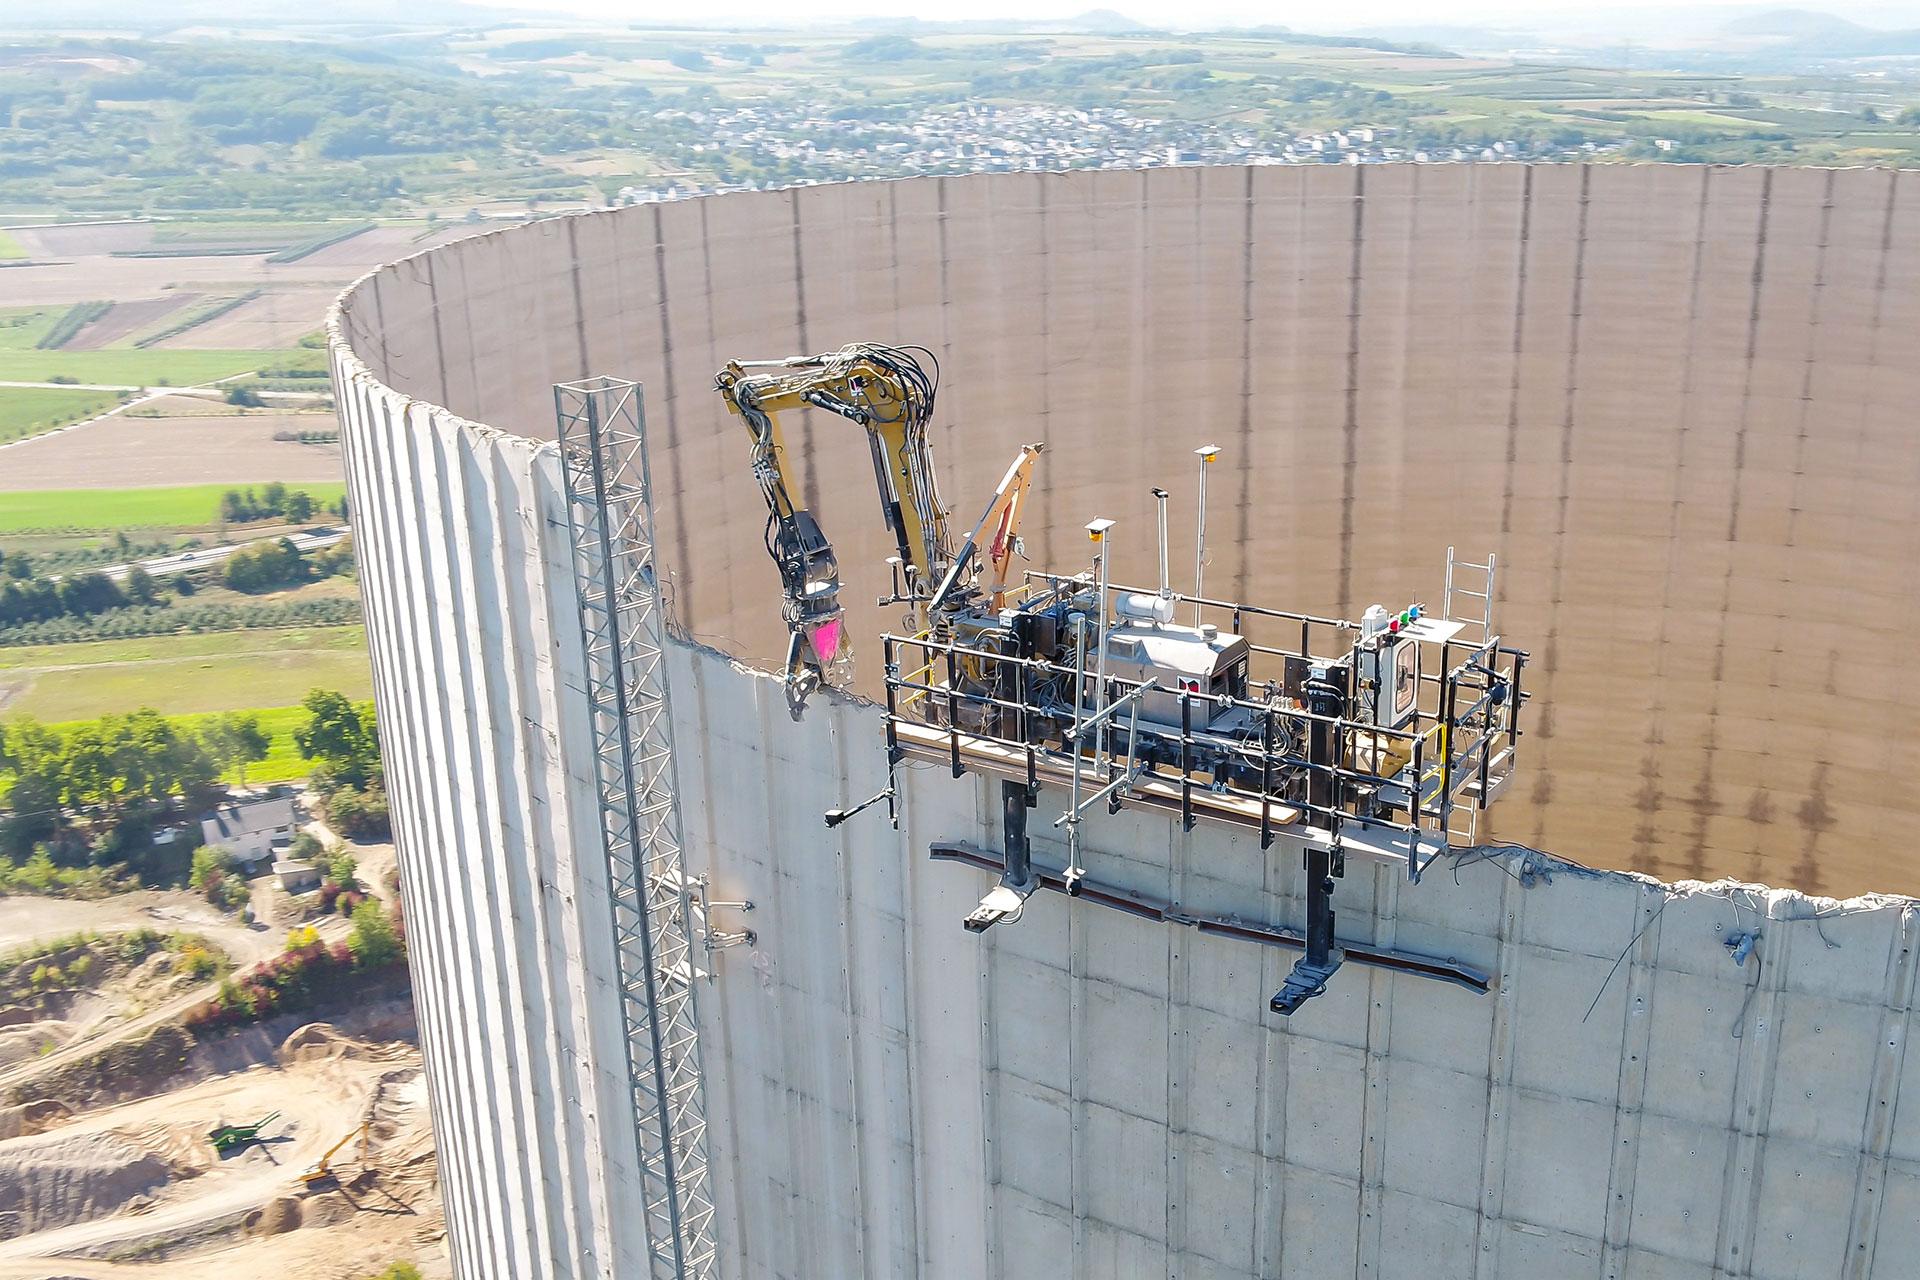 Maßgeschneiderte Abbruchgeräte für besonders heikle Projekte: Der RDB 100 entstand in eigener Entwicklung